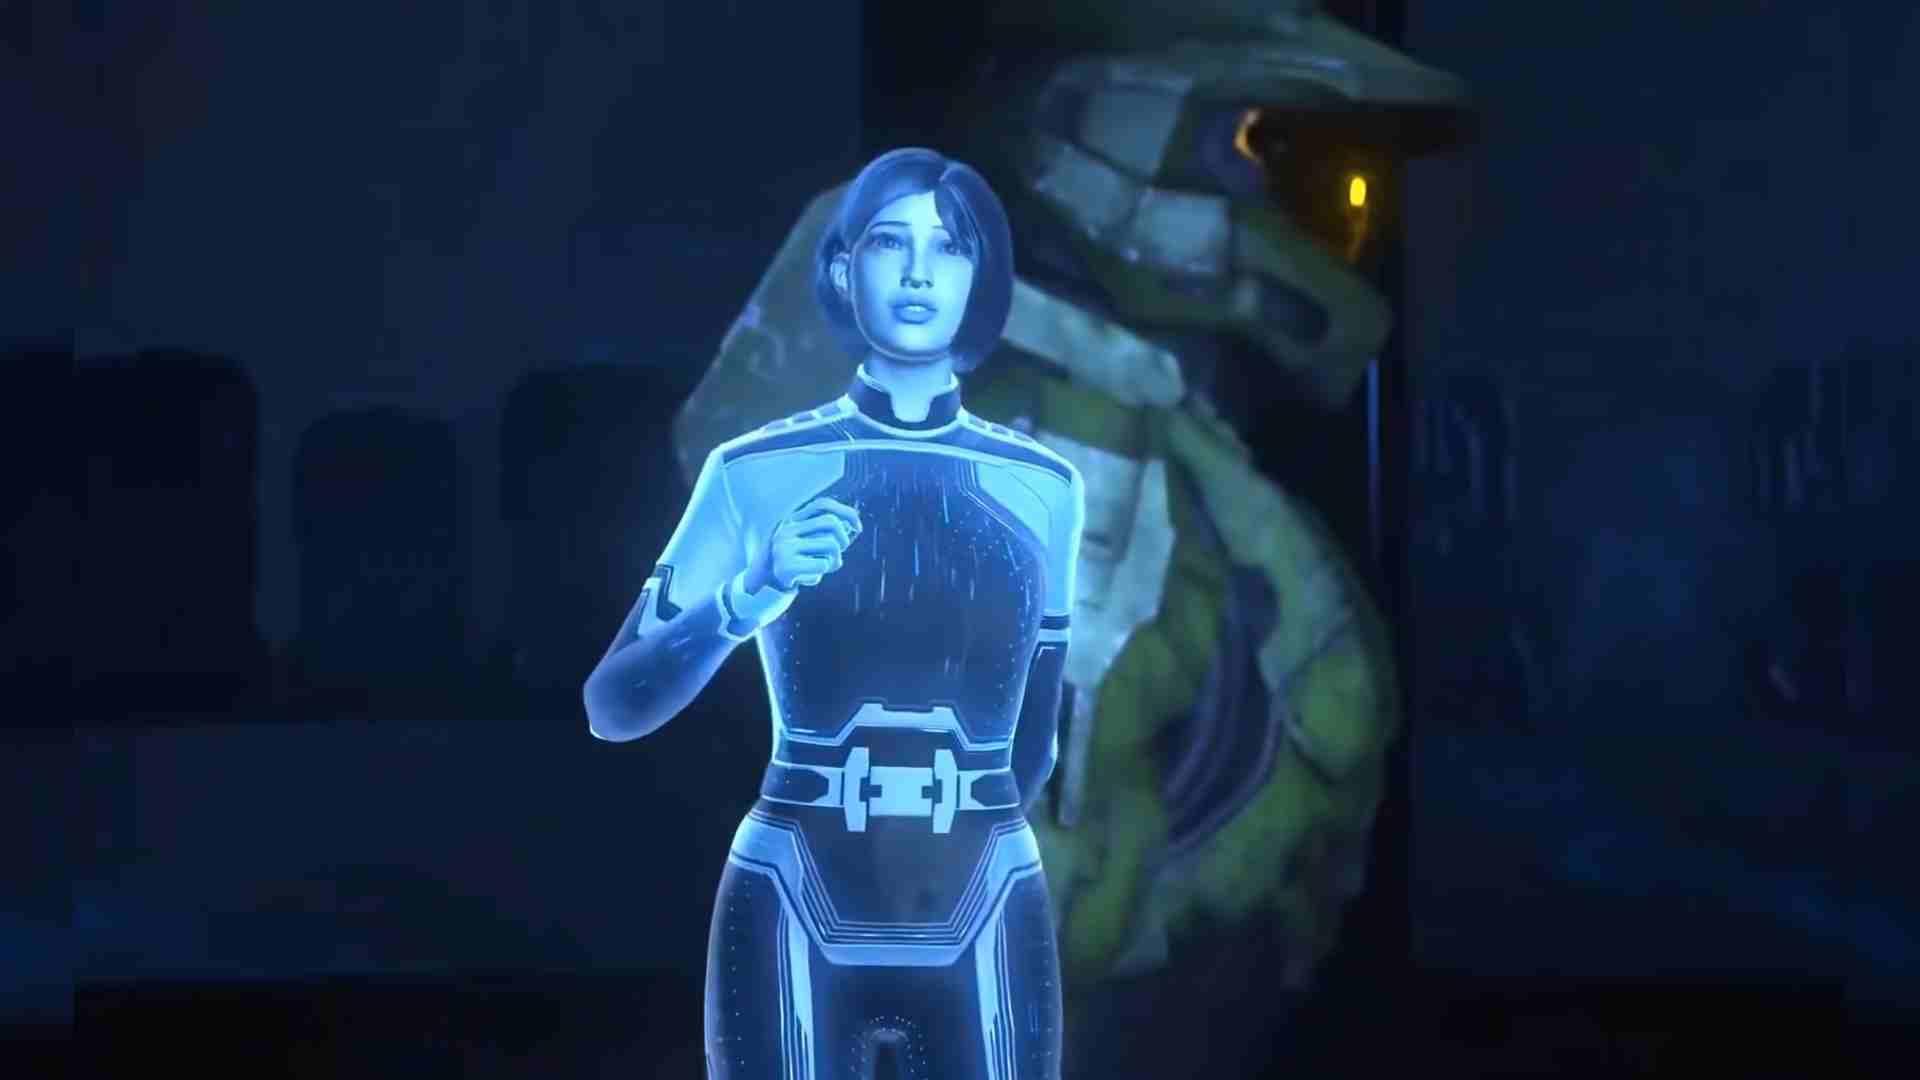 Todo lo que sabemos hasta ahora de Halo Infinite - En este nuevo editorial, os voy a contar toda la información que sabemos hasta el momento acerca de Halo Infinite.